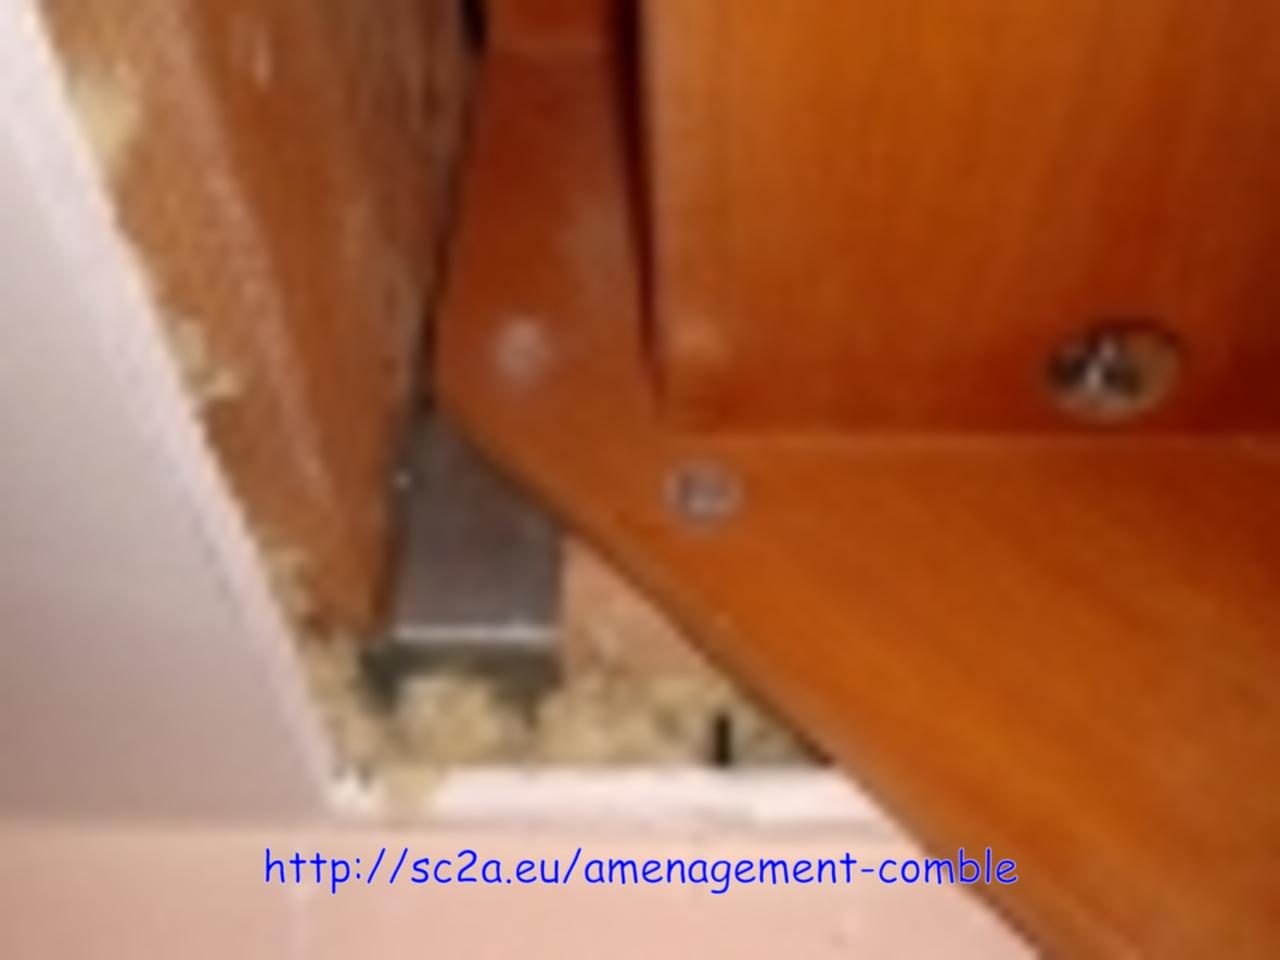 escalier installé provisoirement - vue de la pose sur le bord de la trémie